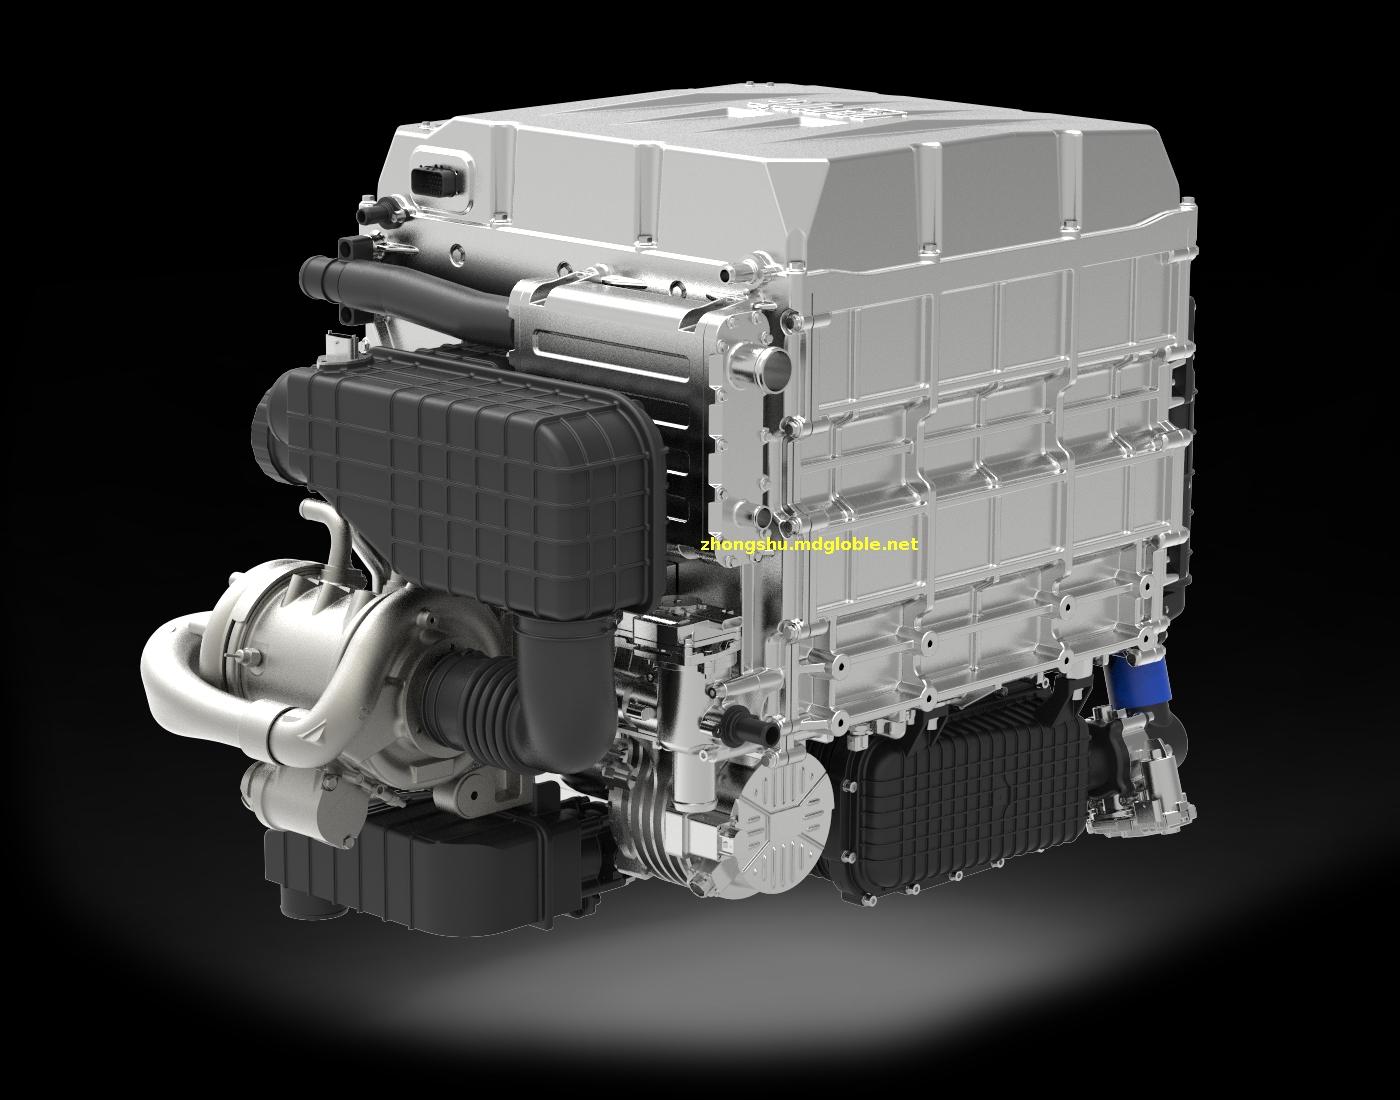 燃料电池系统产品